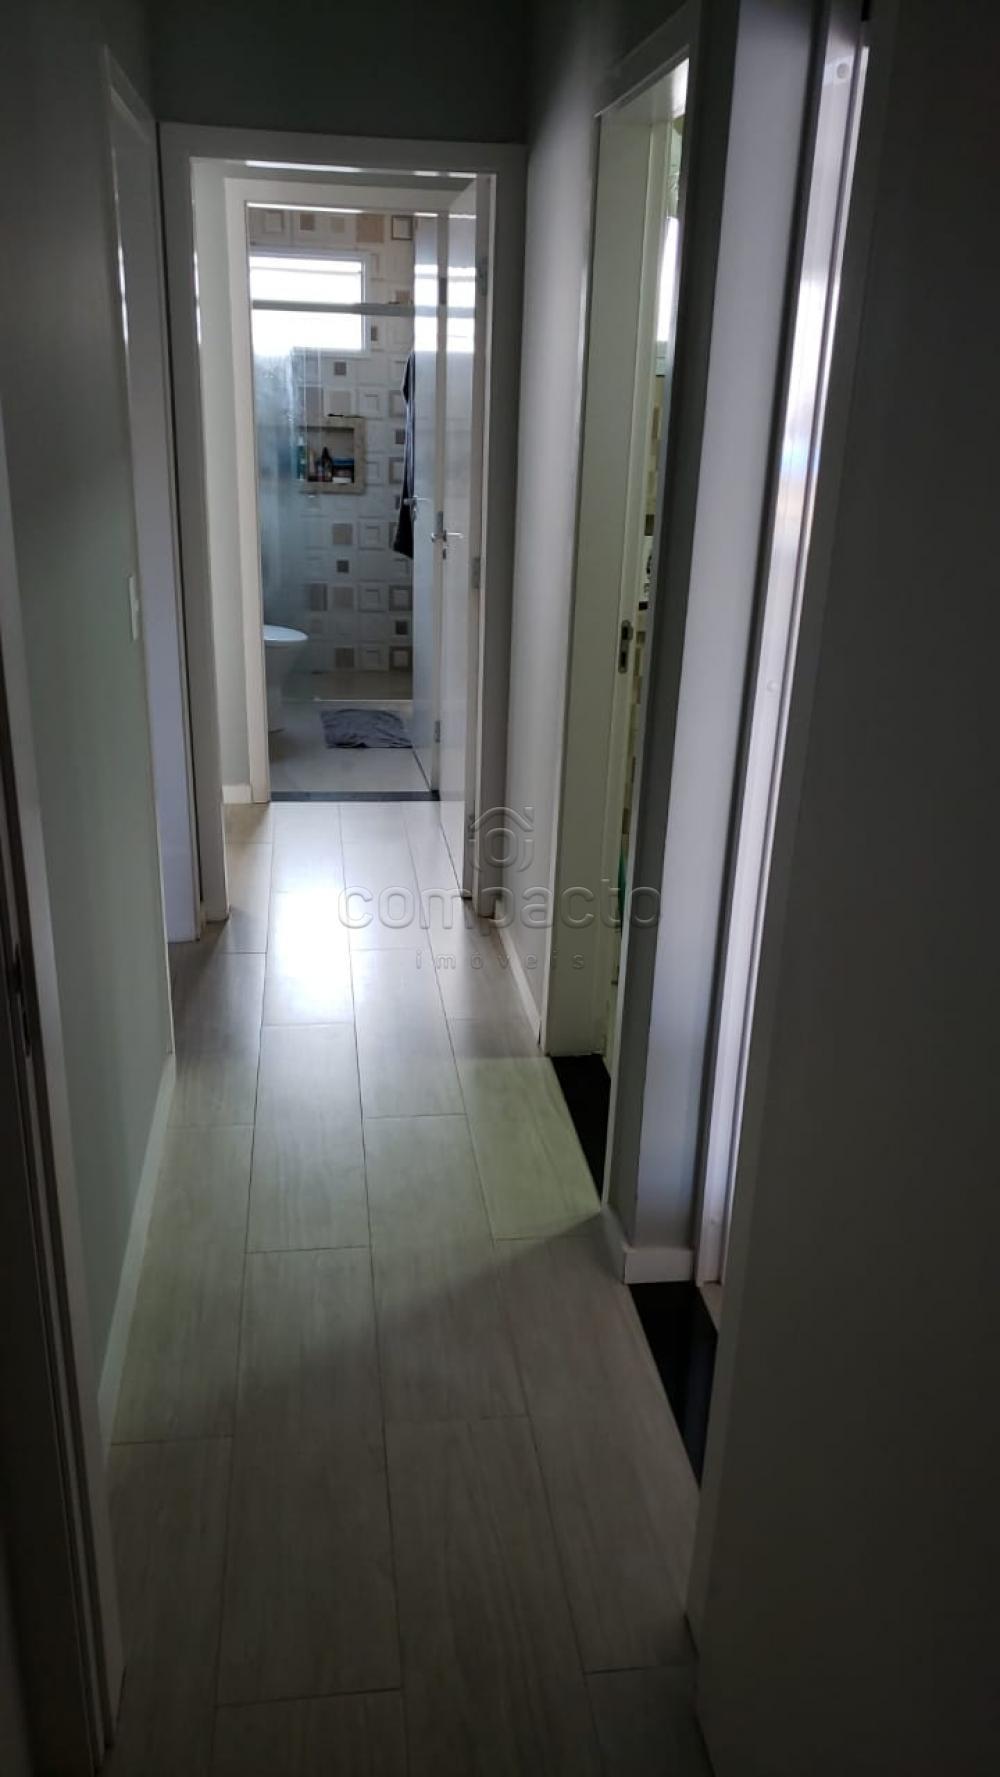 Comprar Casa / Padrão em São José do Rio Preto apenas R$ 315.000,00 - Foto 4